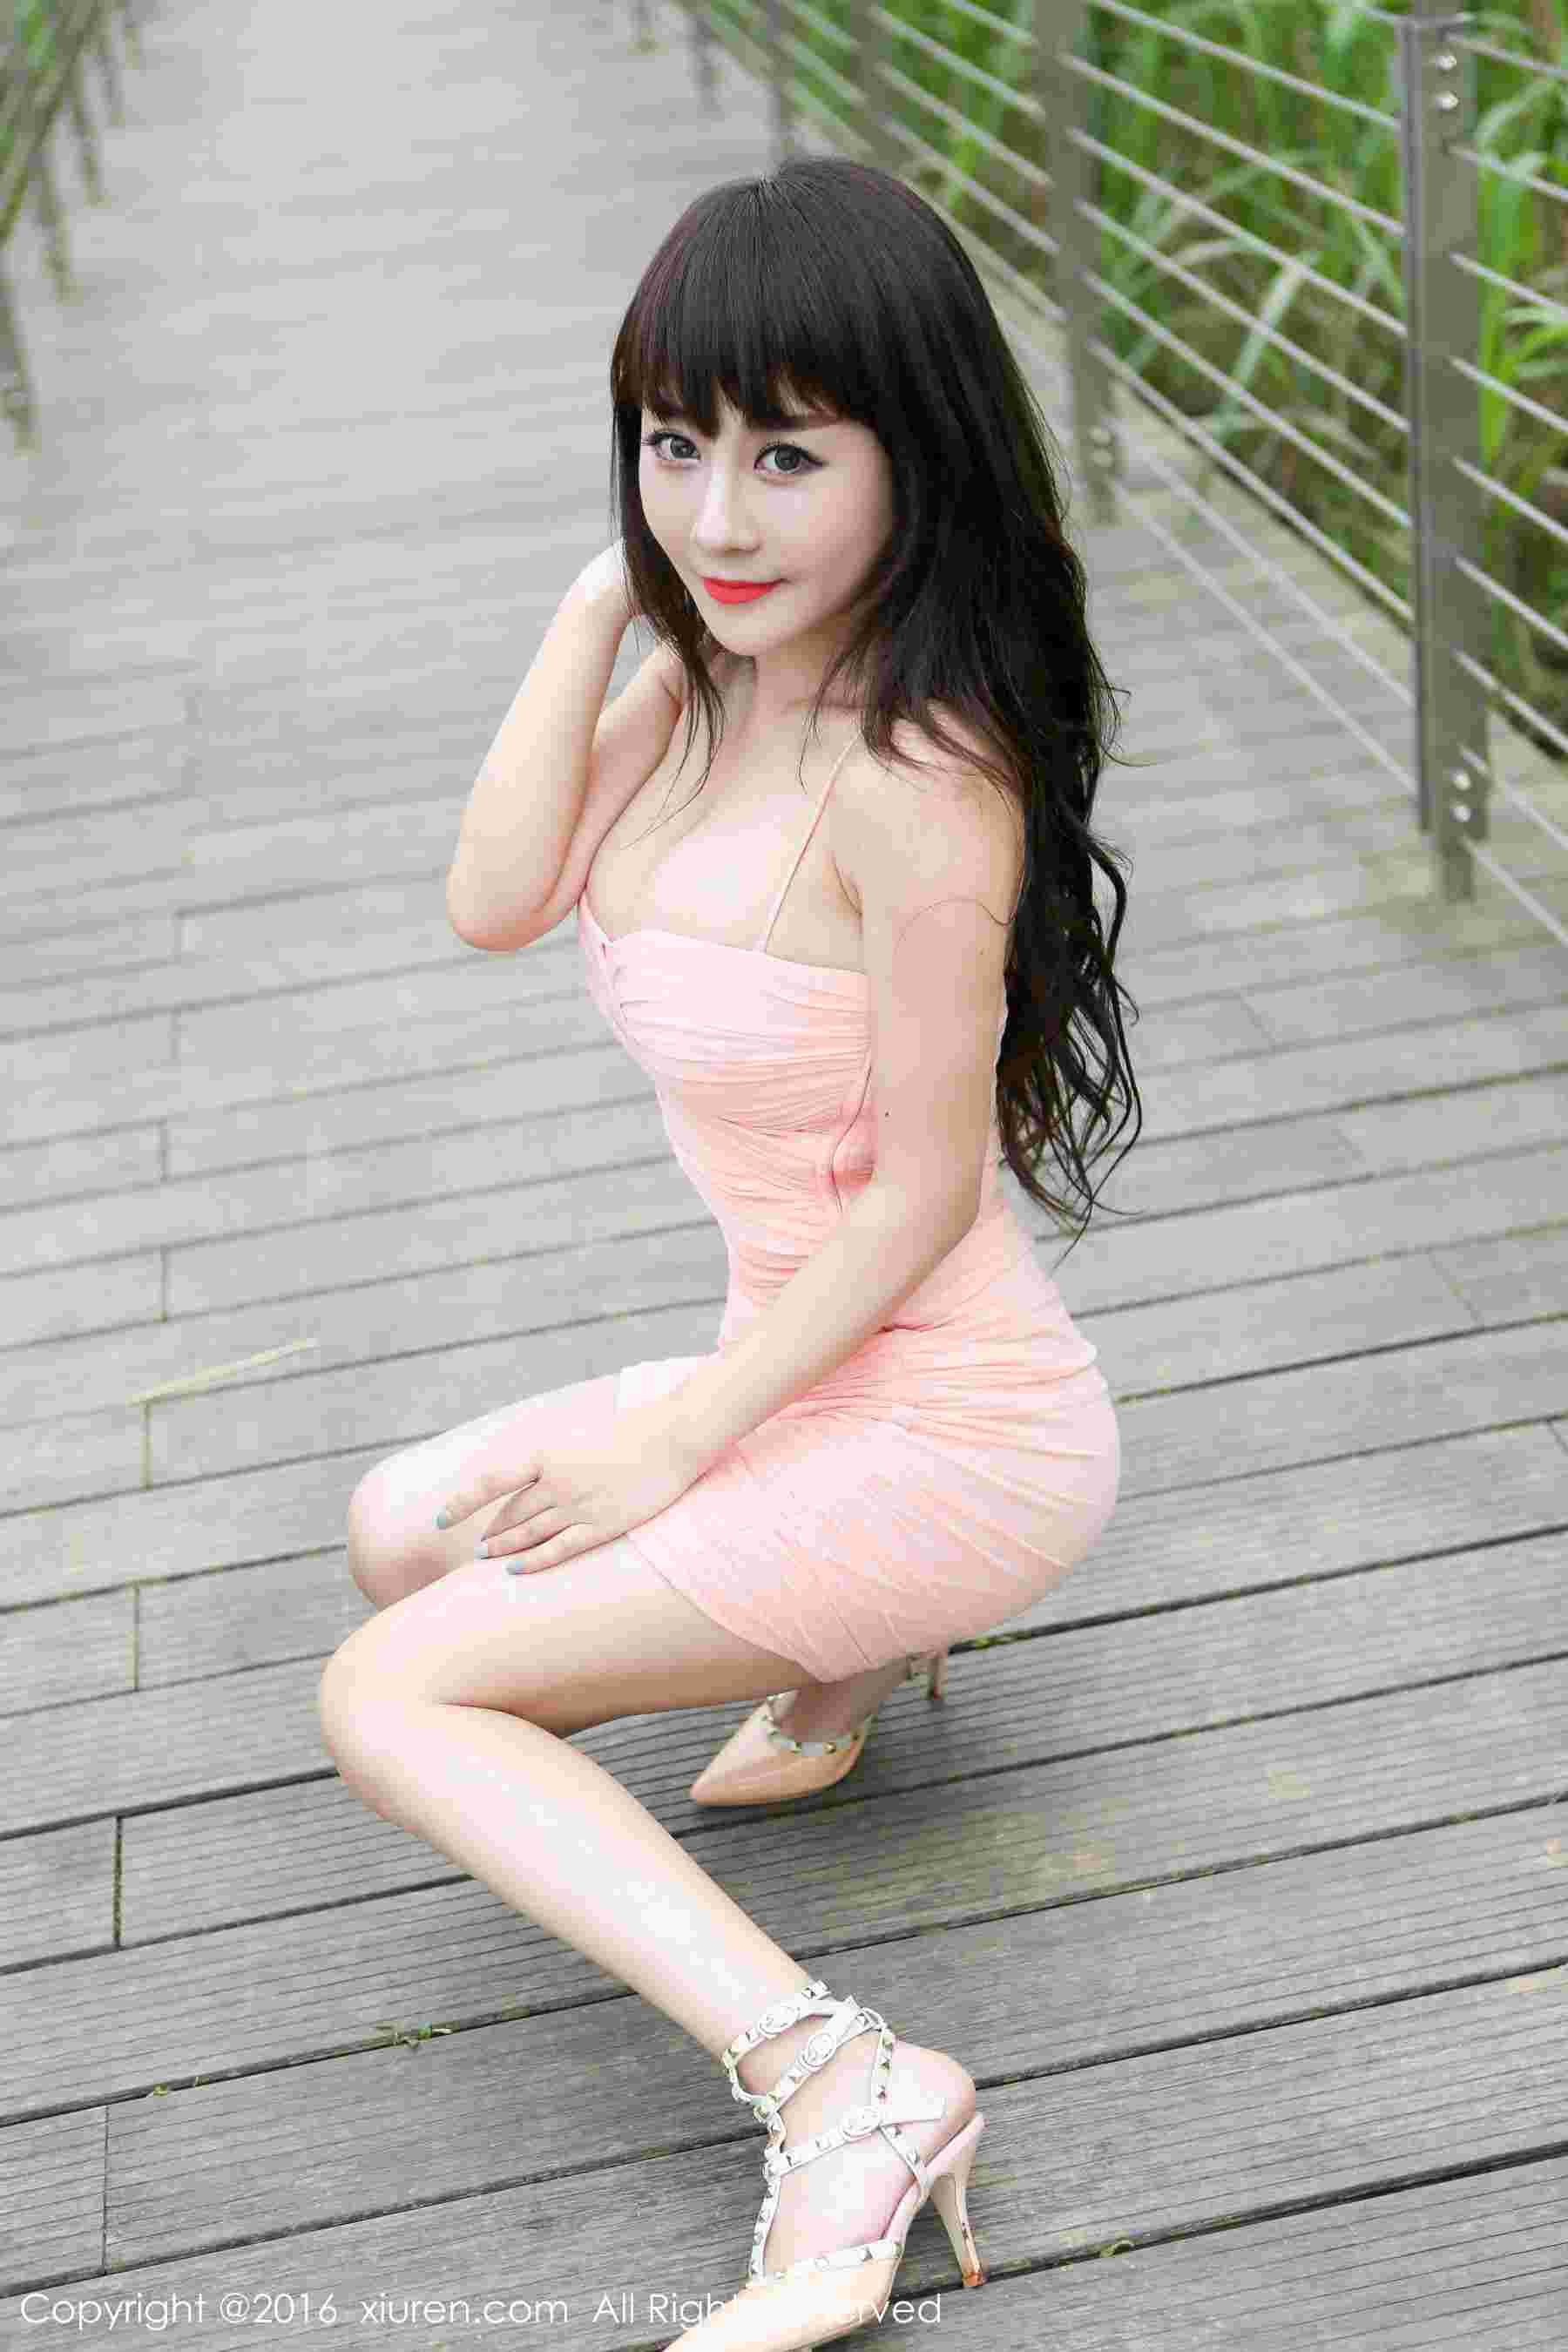 爆乳模特@陈巧蓓首套性感写真